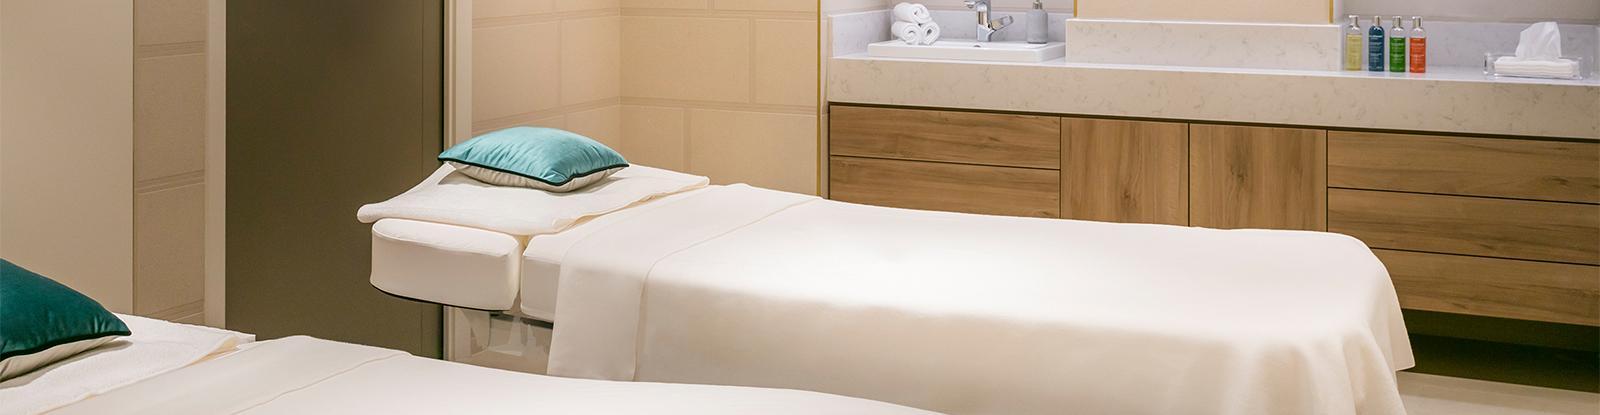 20170505071243-soin-massage.jpg